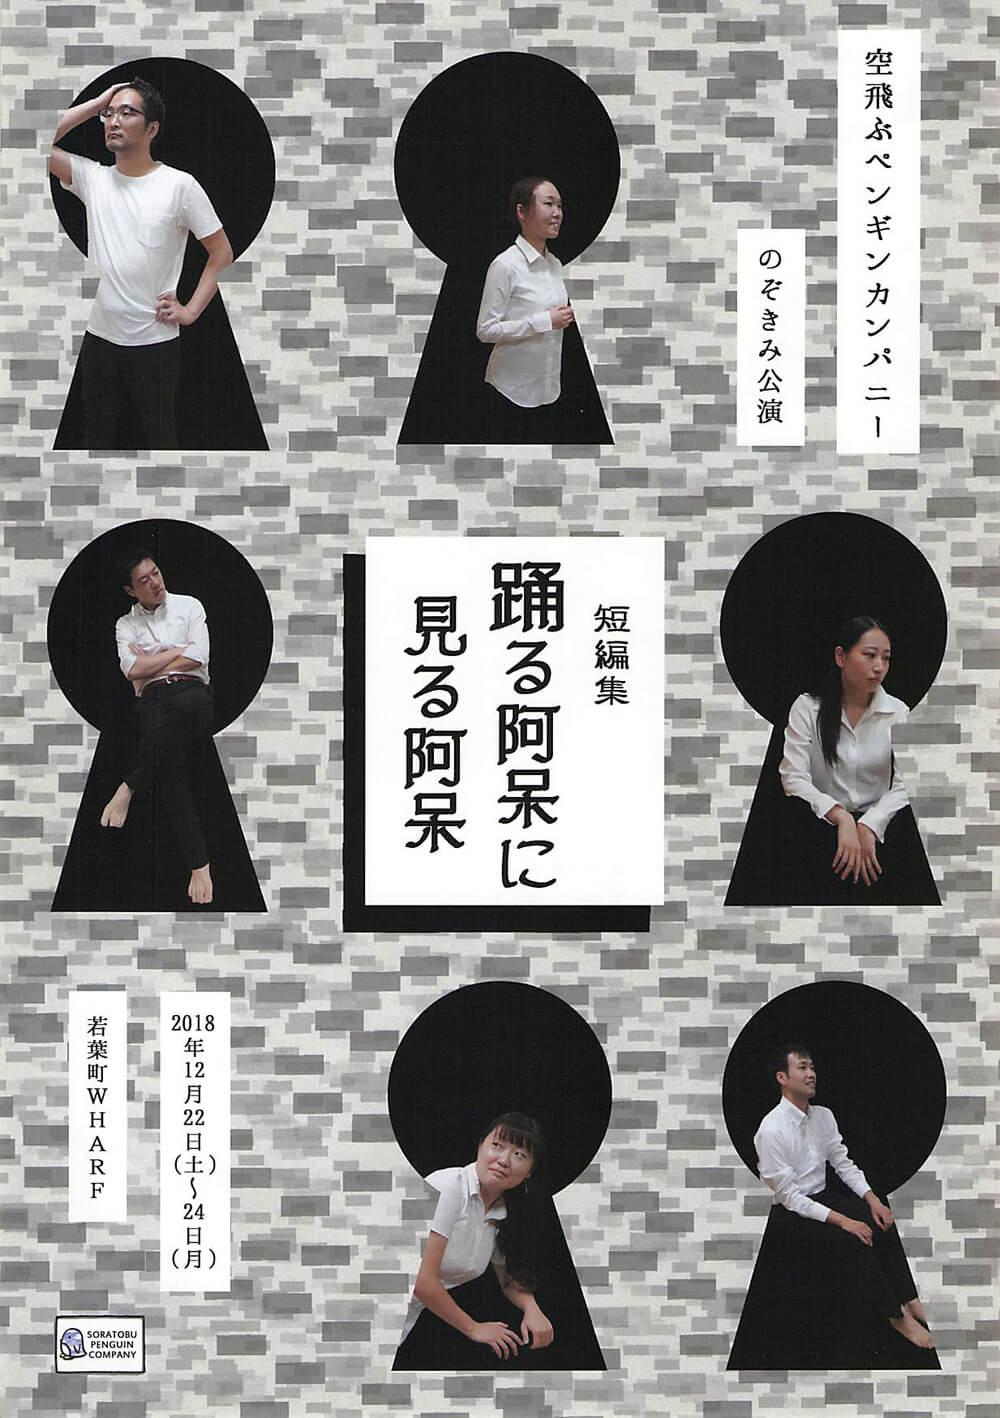 観劇感想「短編集 踊る阿呆に見る阿呆」-空飛ぶペンギンカンパニー-2018年12月23日